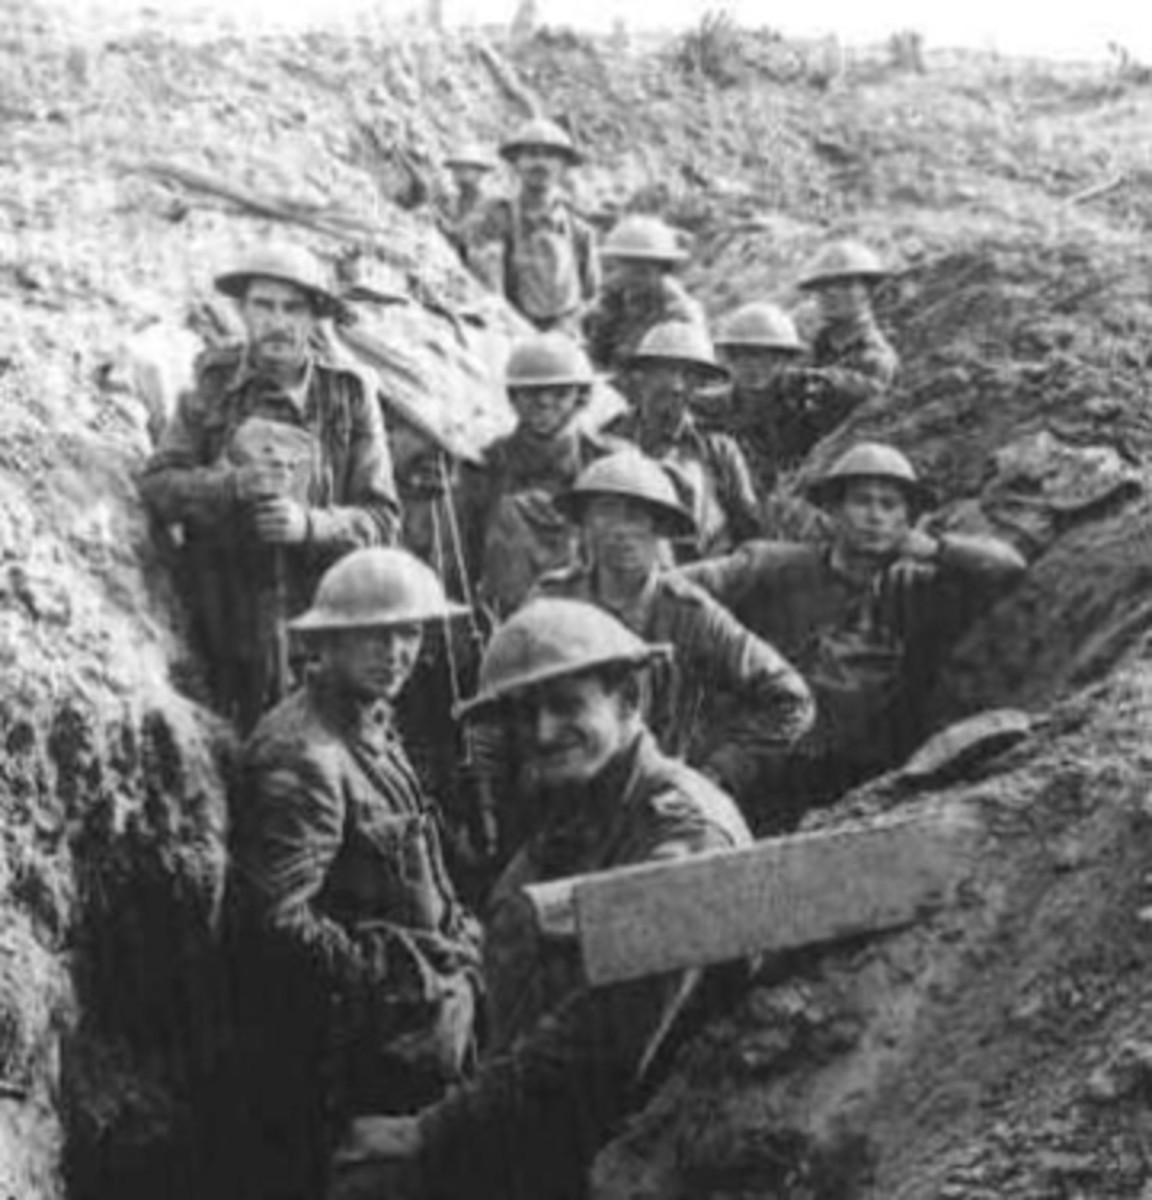 British_Troops_at_Ypres_1917.jpg